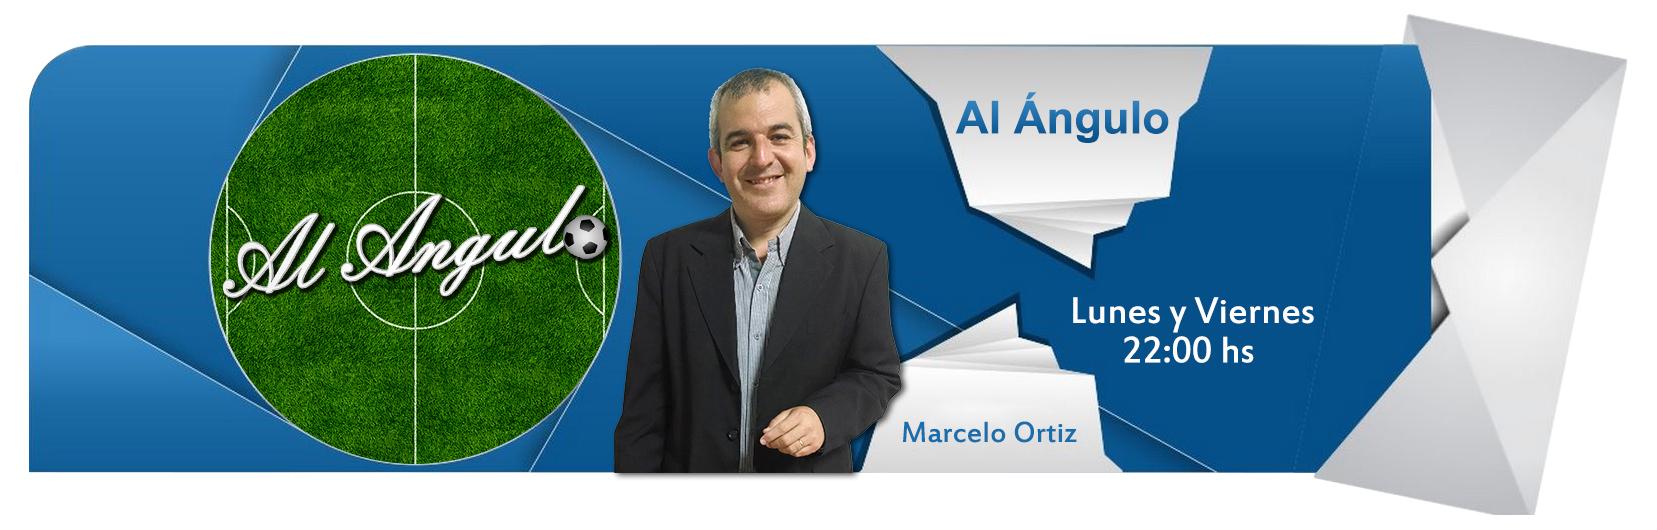 Flyer-Al-Angulo